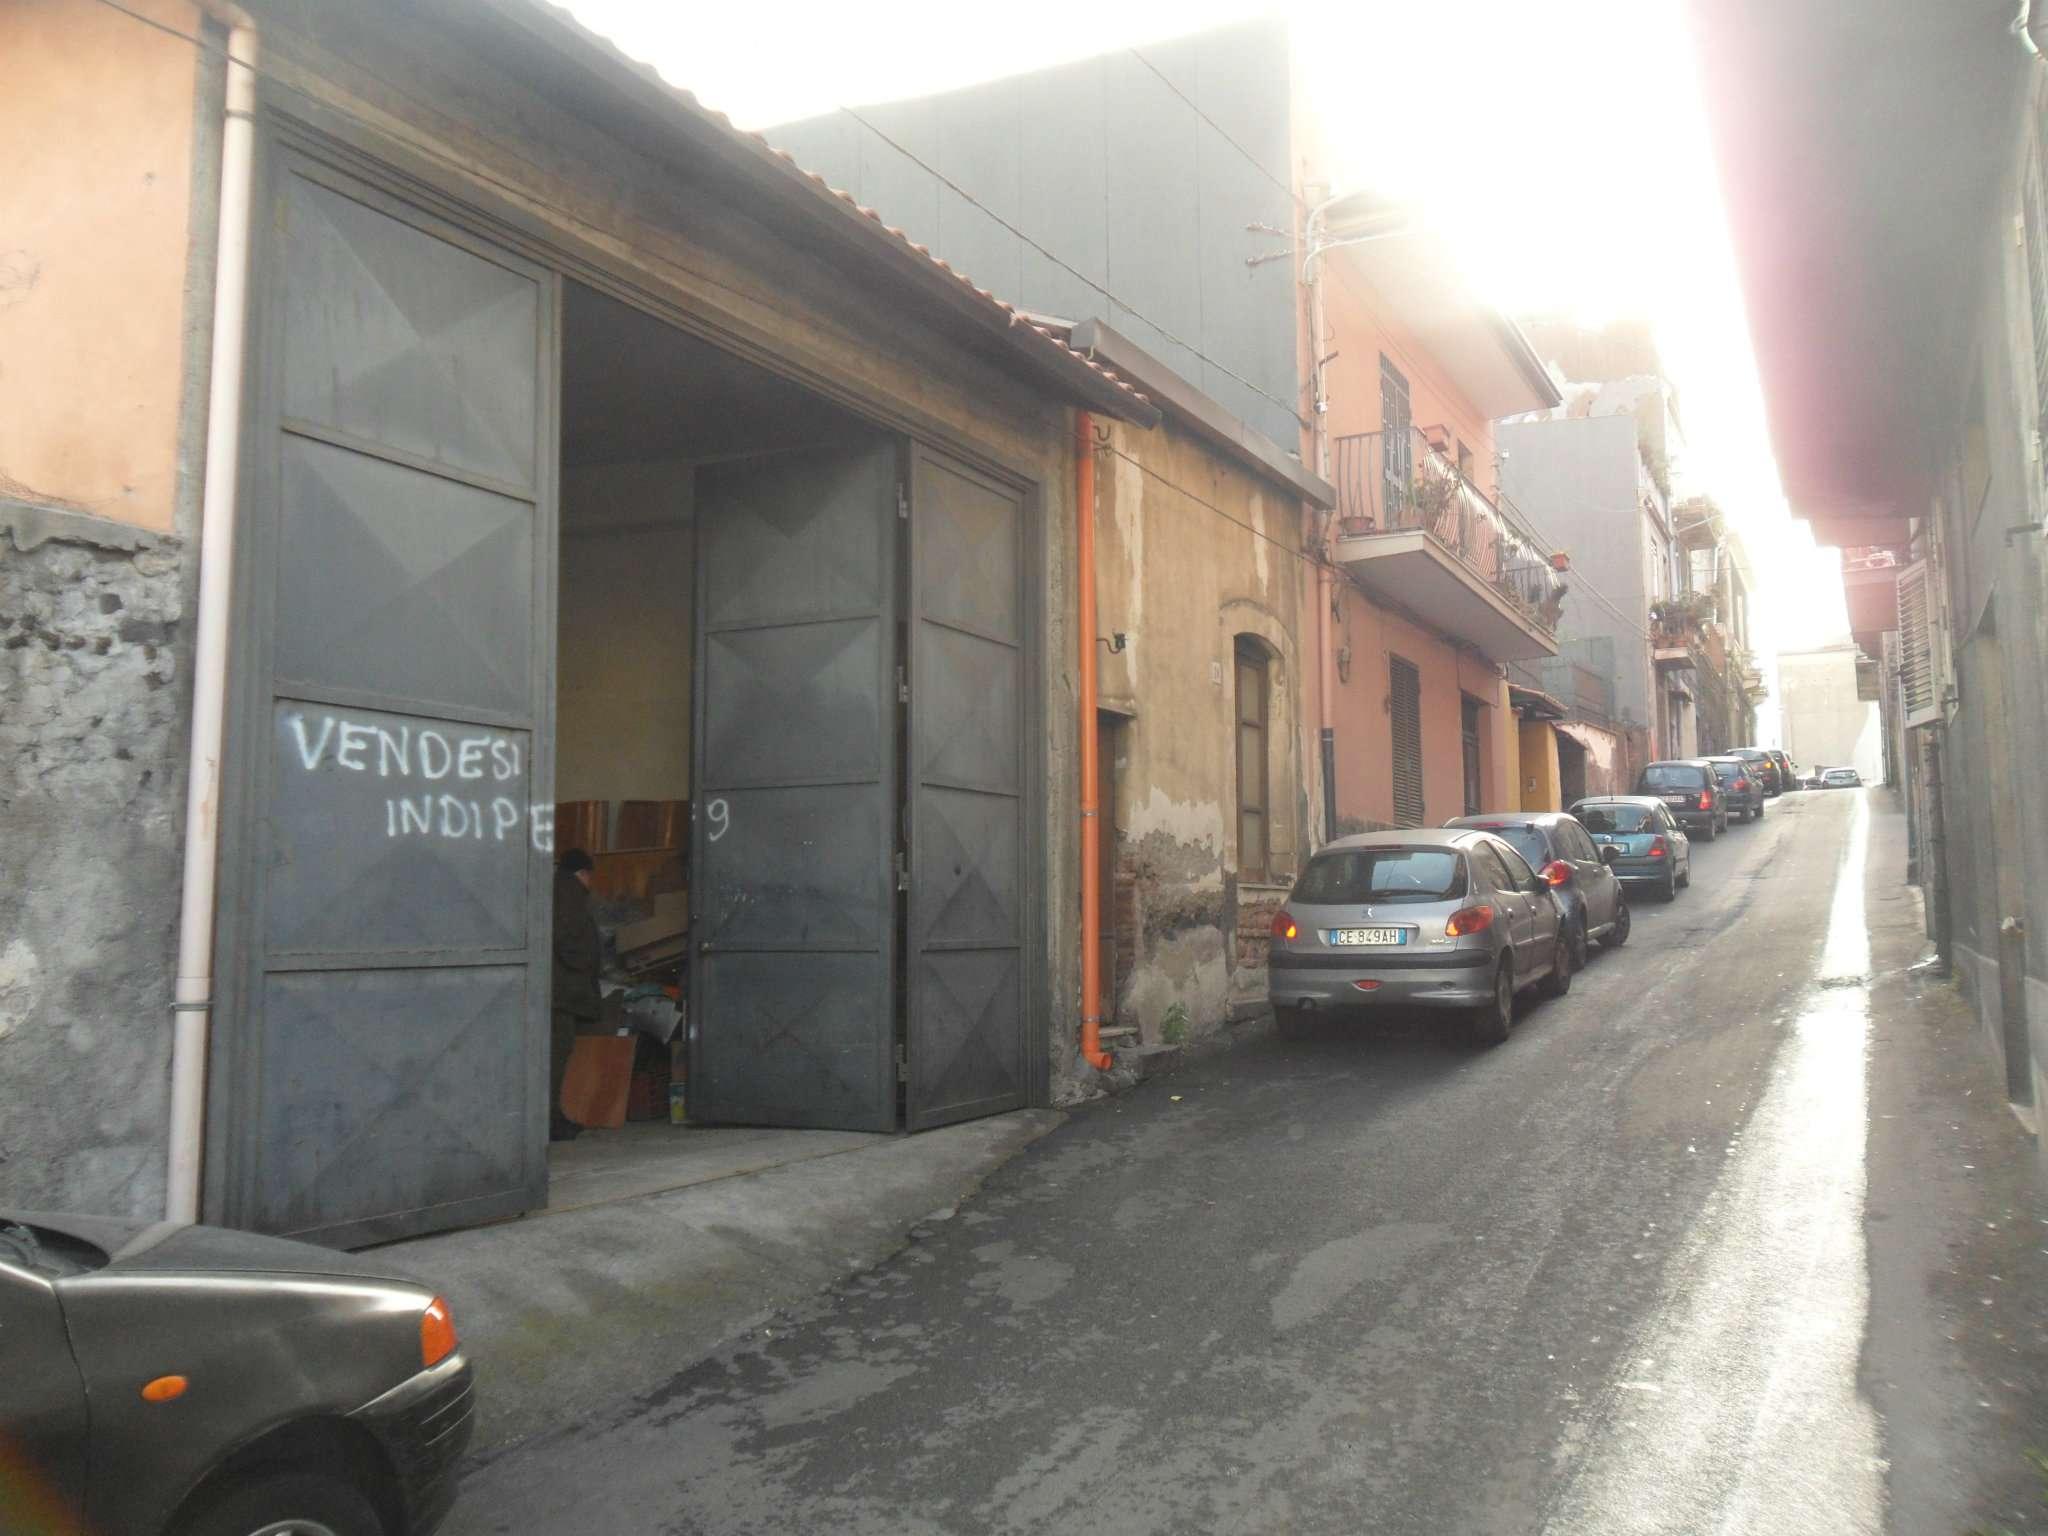 Magazzino in vendita a Catania, 1 locali, prezzo € 50.000 | Cambio Casa.it